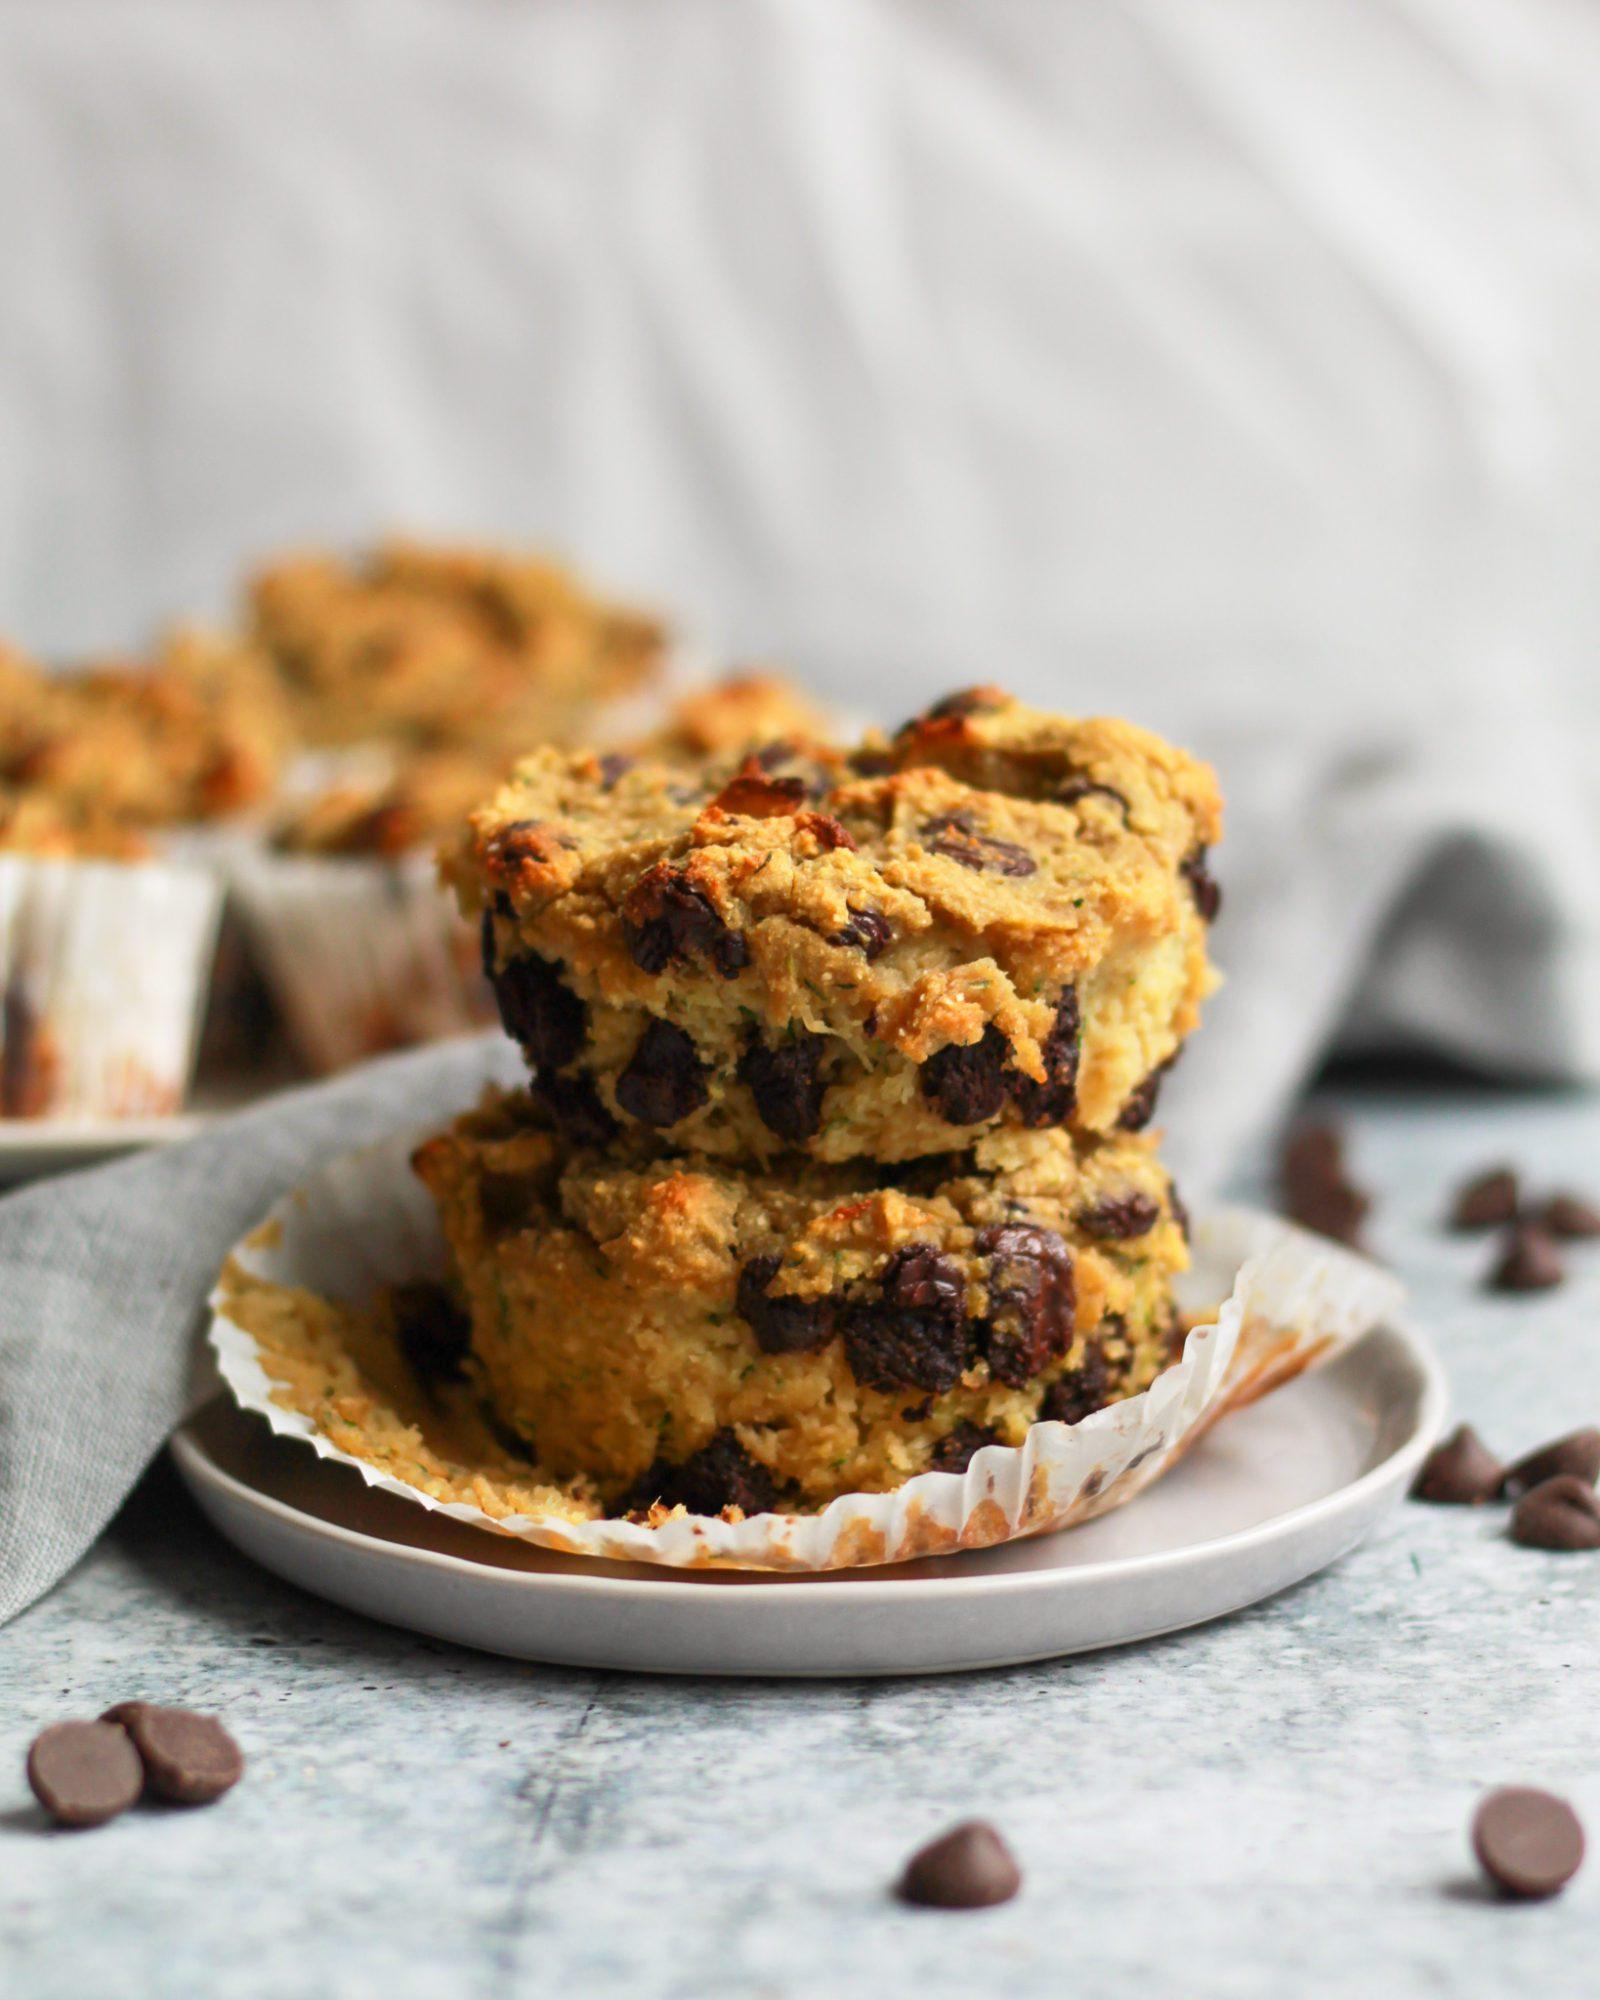 paleo chocolate chip zucchini muffins stacked